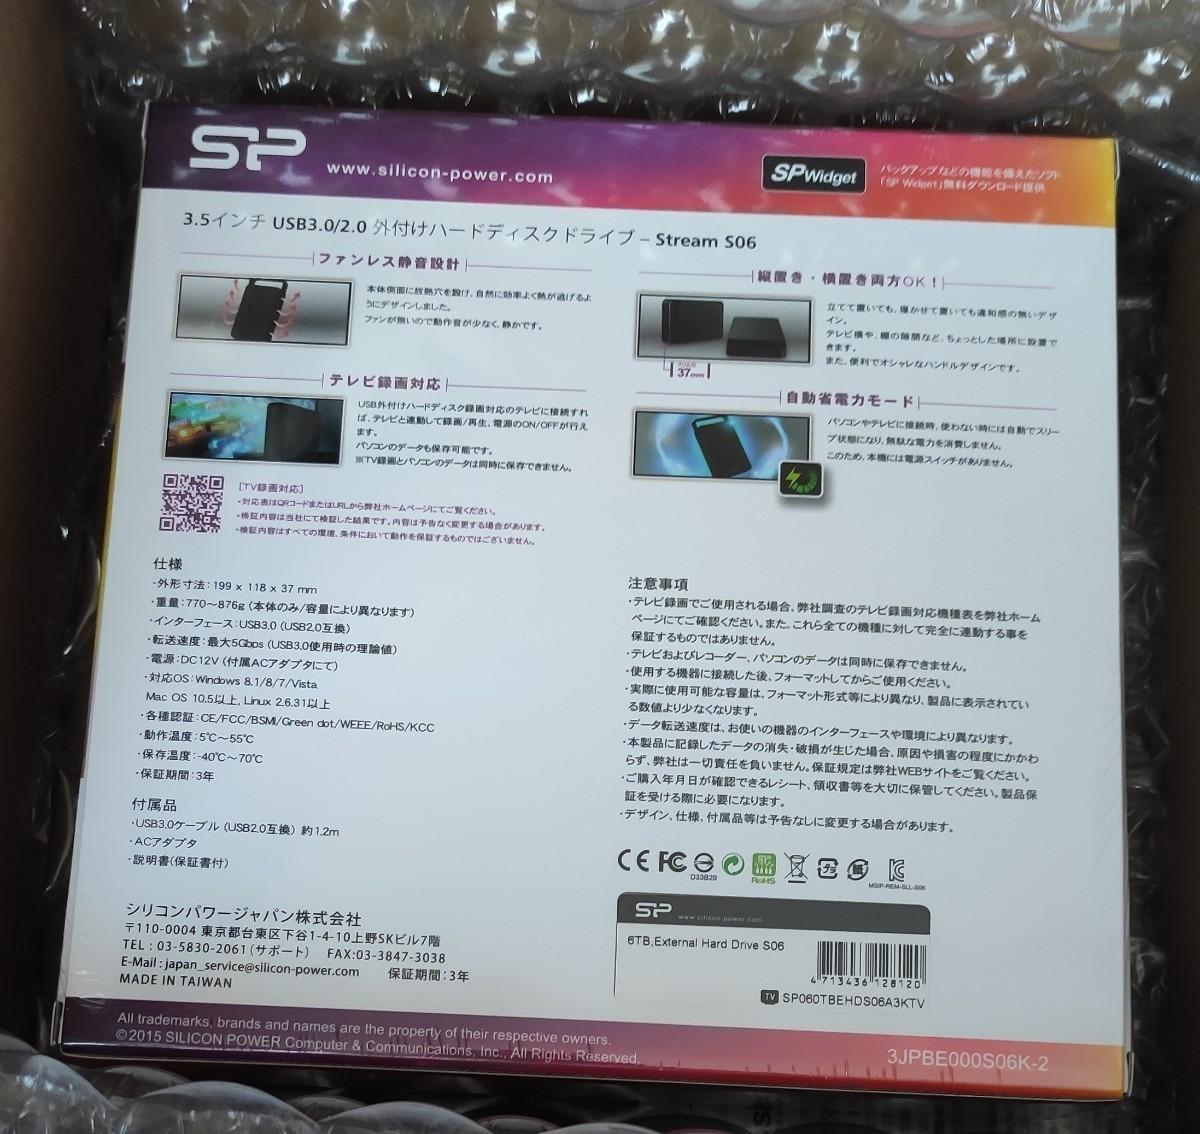 新品未開封品 6TB 外付けハードディスク シリコンパワー 外付けHDD